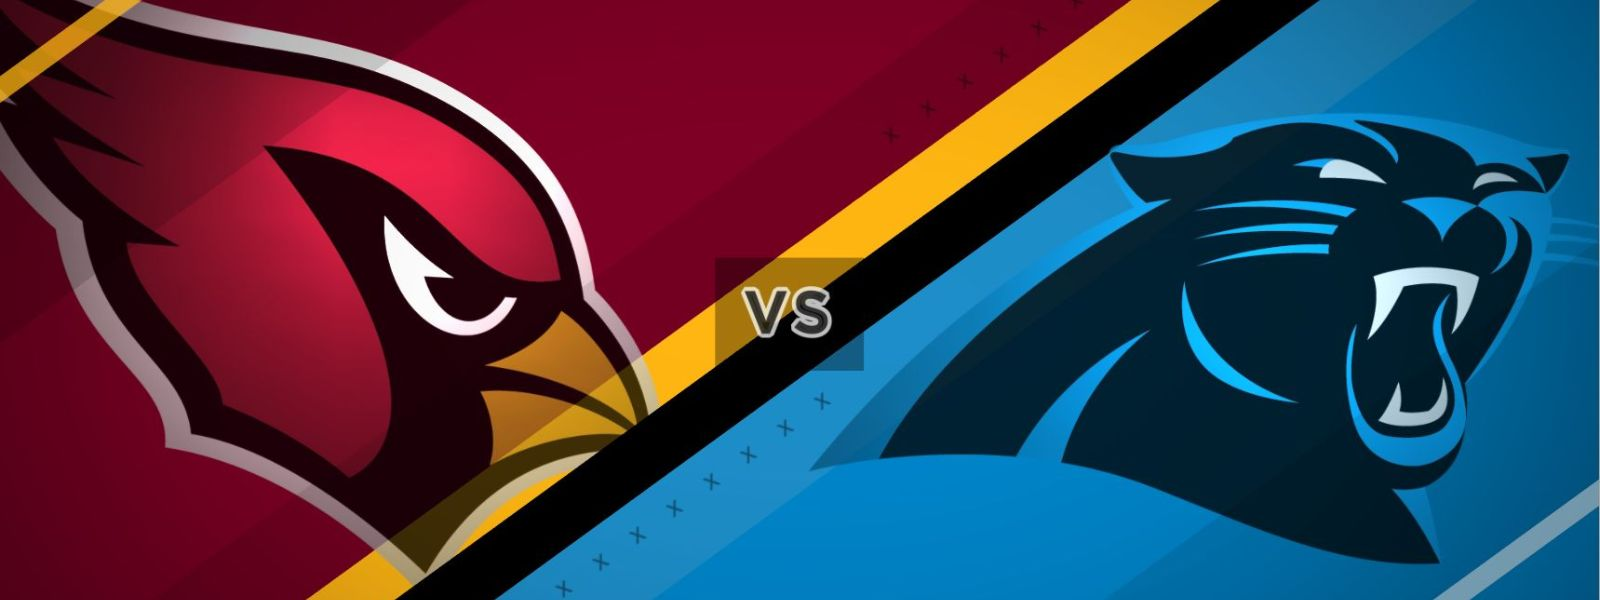 Panthers vs. Cardinals